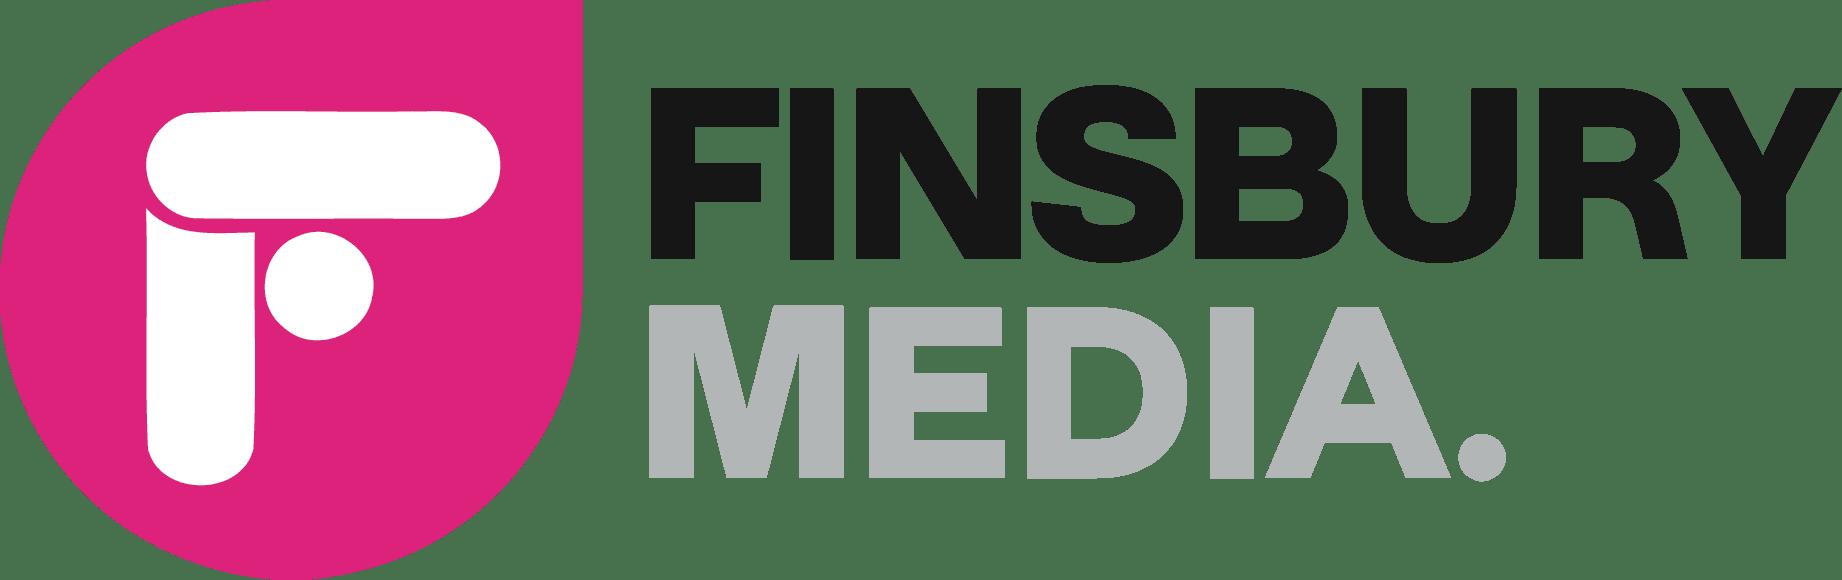 finsbury media Logo